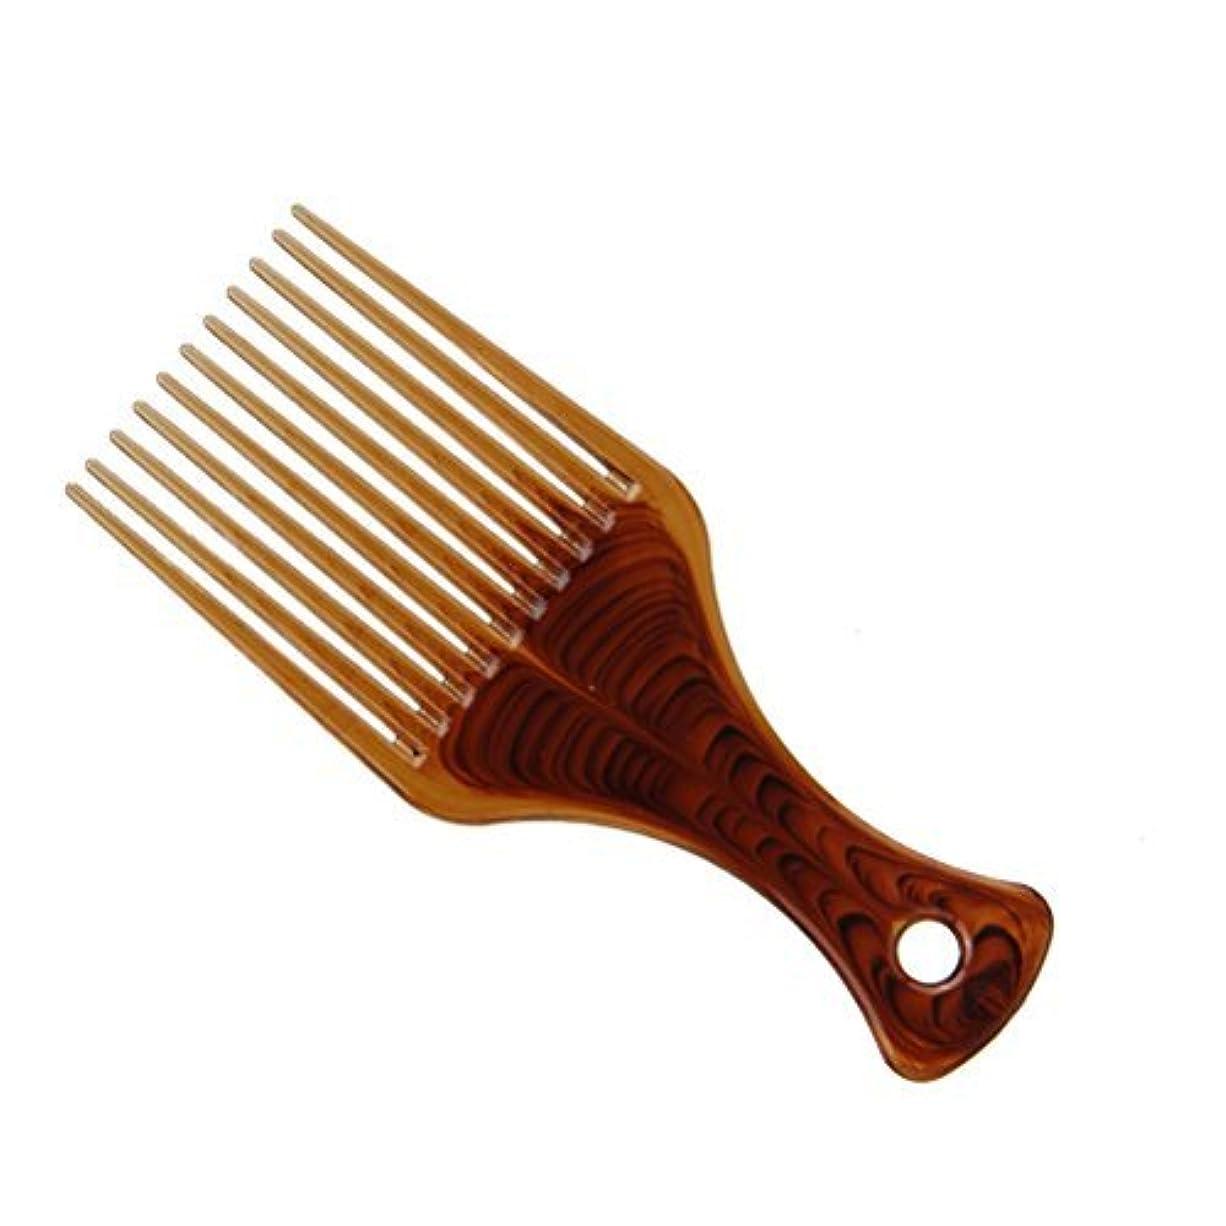 懲戒ゴミ箱を空にする成功するFrcolor Hair Pick Comb, Smooth No Frizz Afro Hair Lift Pick Comb for Hairstyle [並行輸入品]